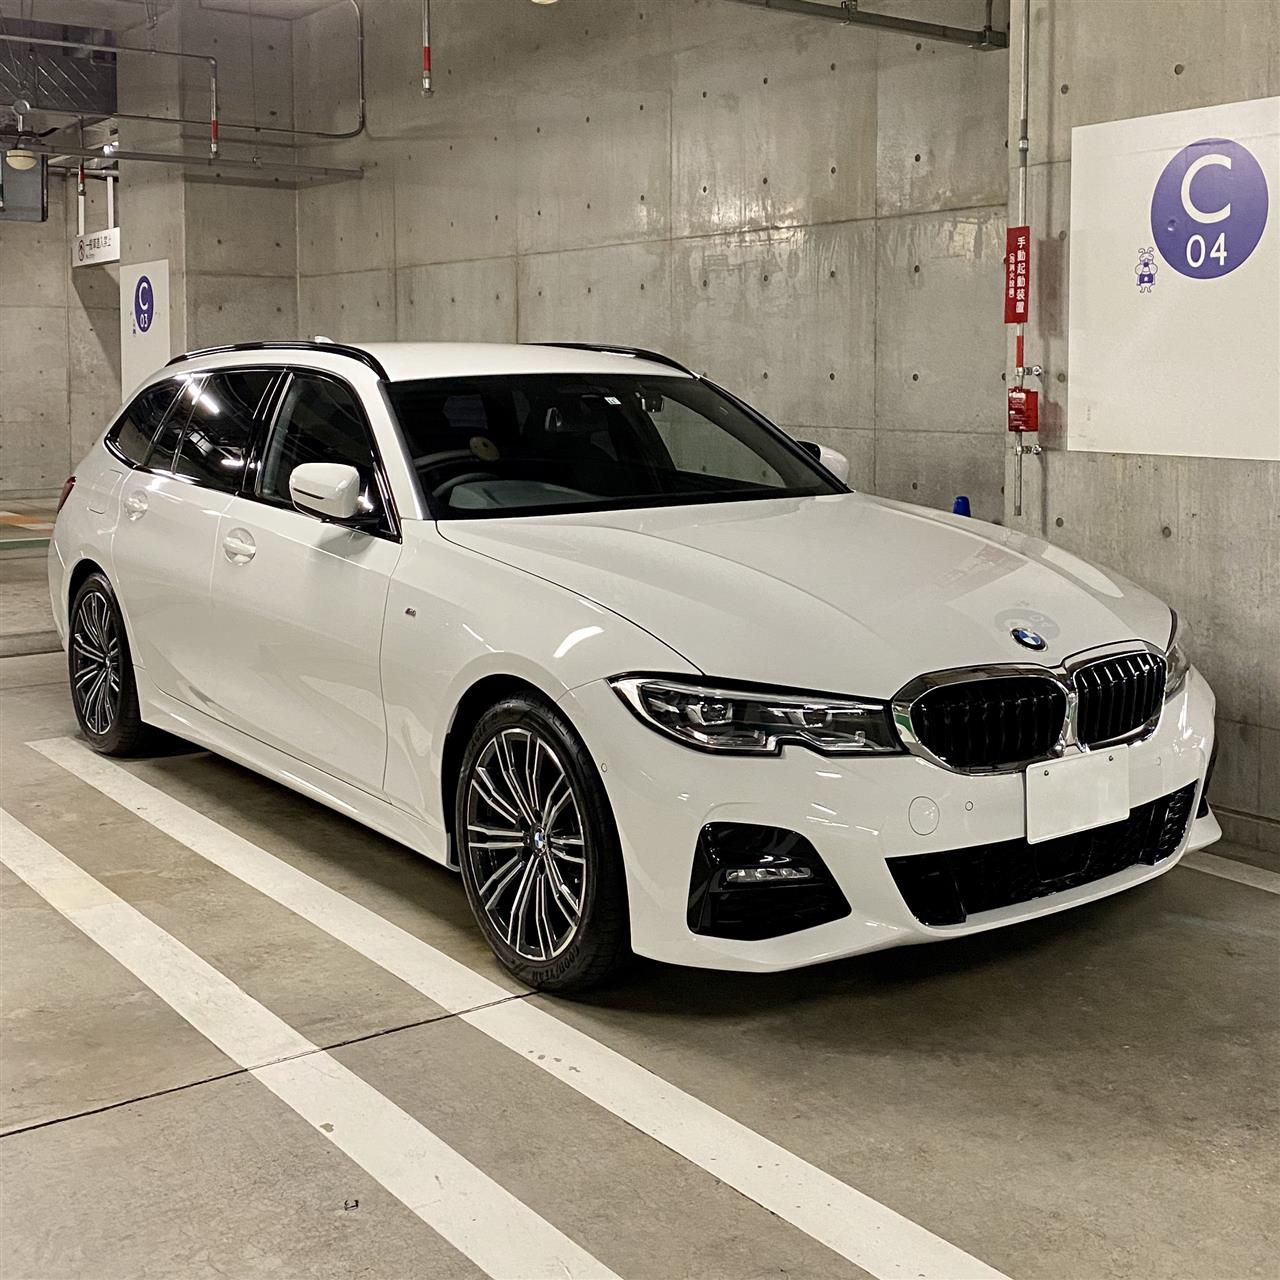 Bmw 320d M Sport: 「よろしく、「BMW 320d XDrive ツーリング M Sport」。」かめっこのブログ | 車がいらない生活